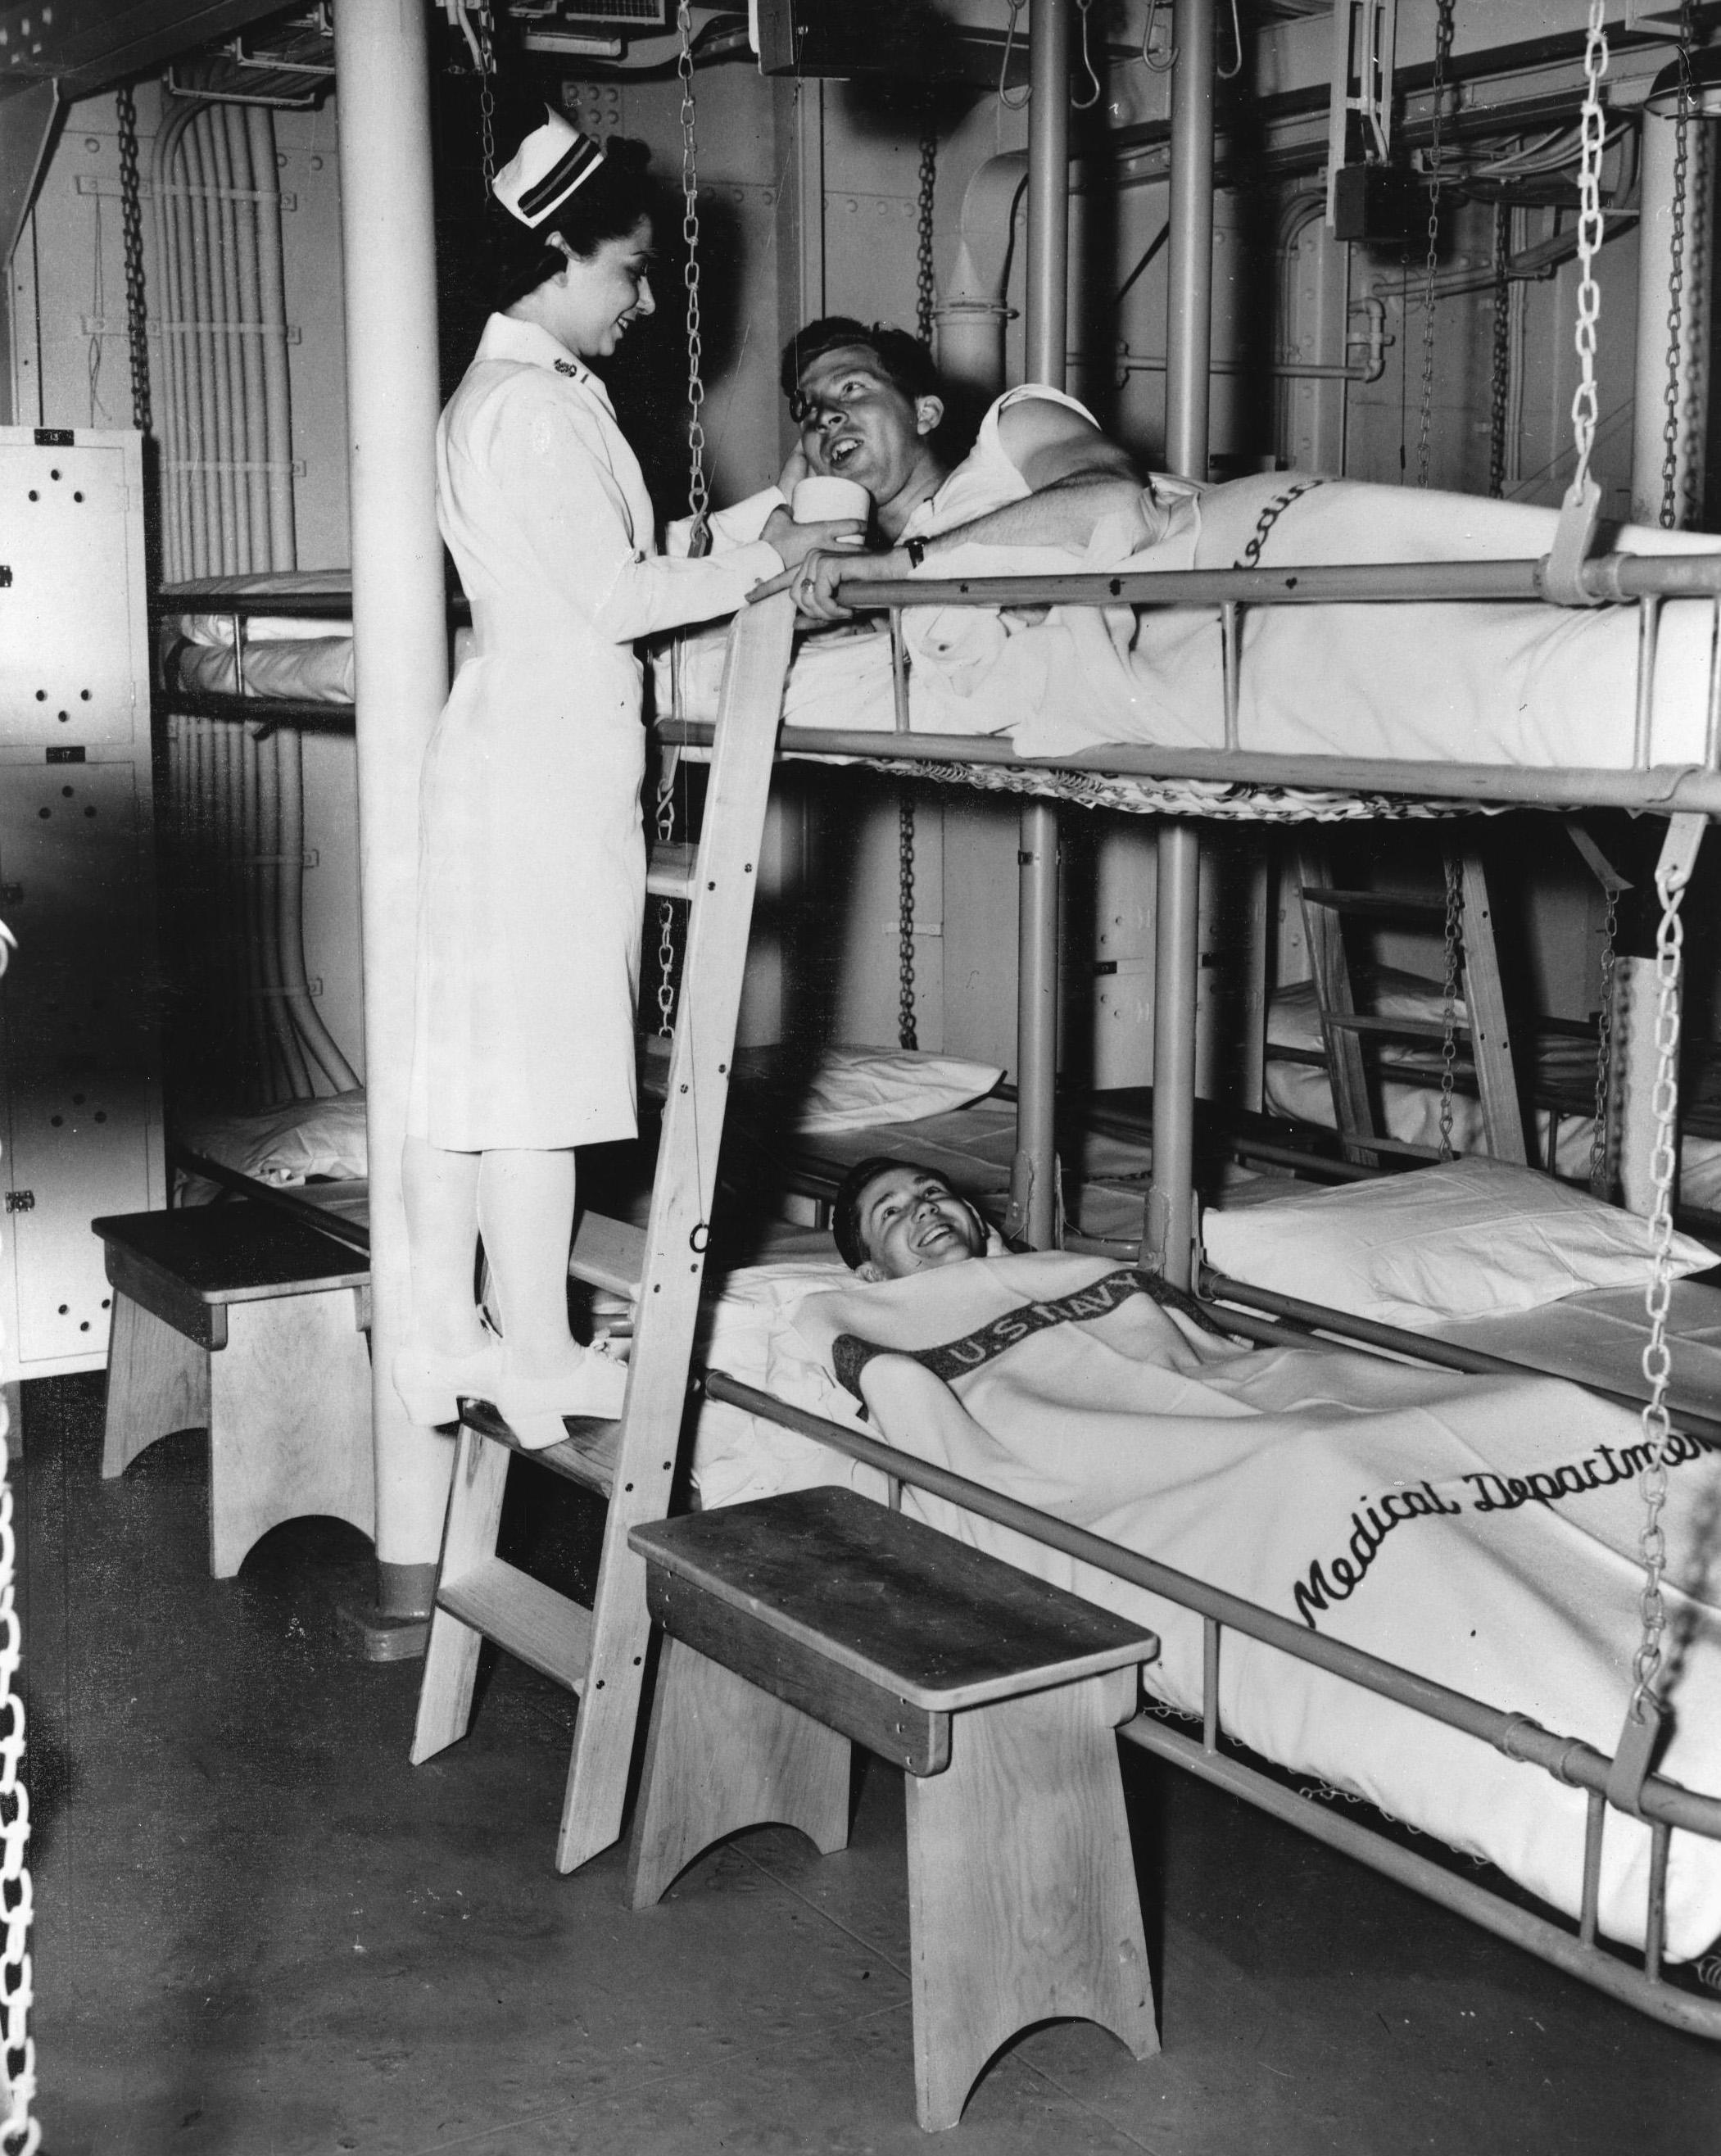 Bunk Beds Women Of World War Ii